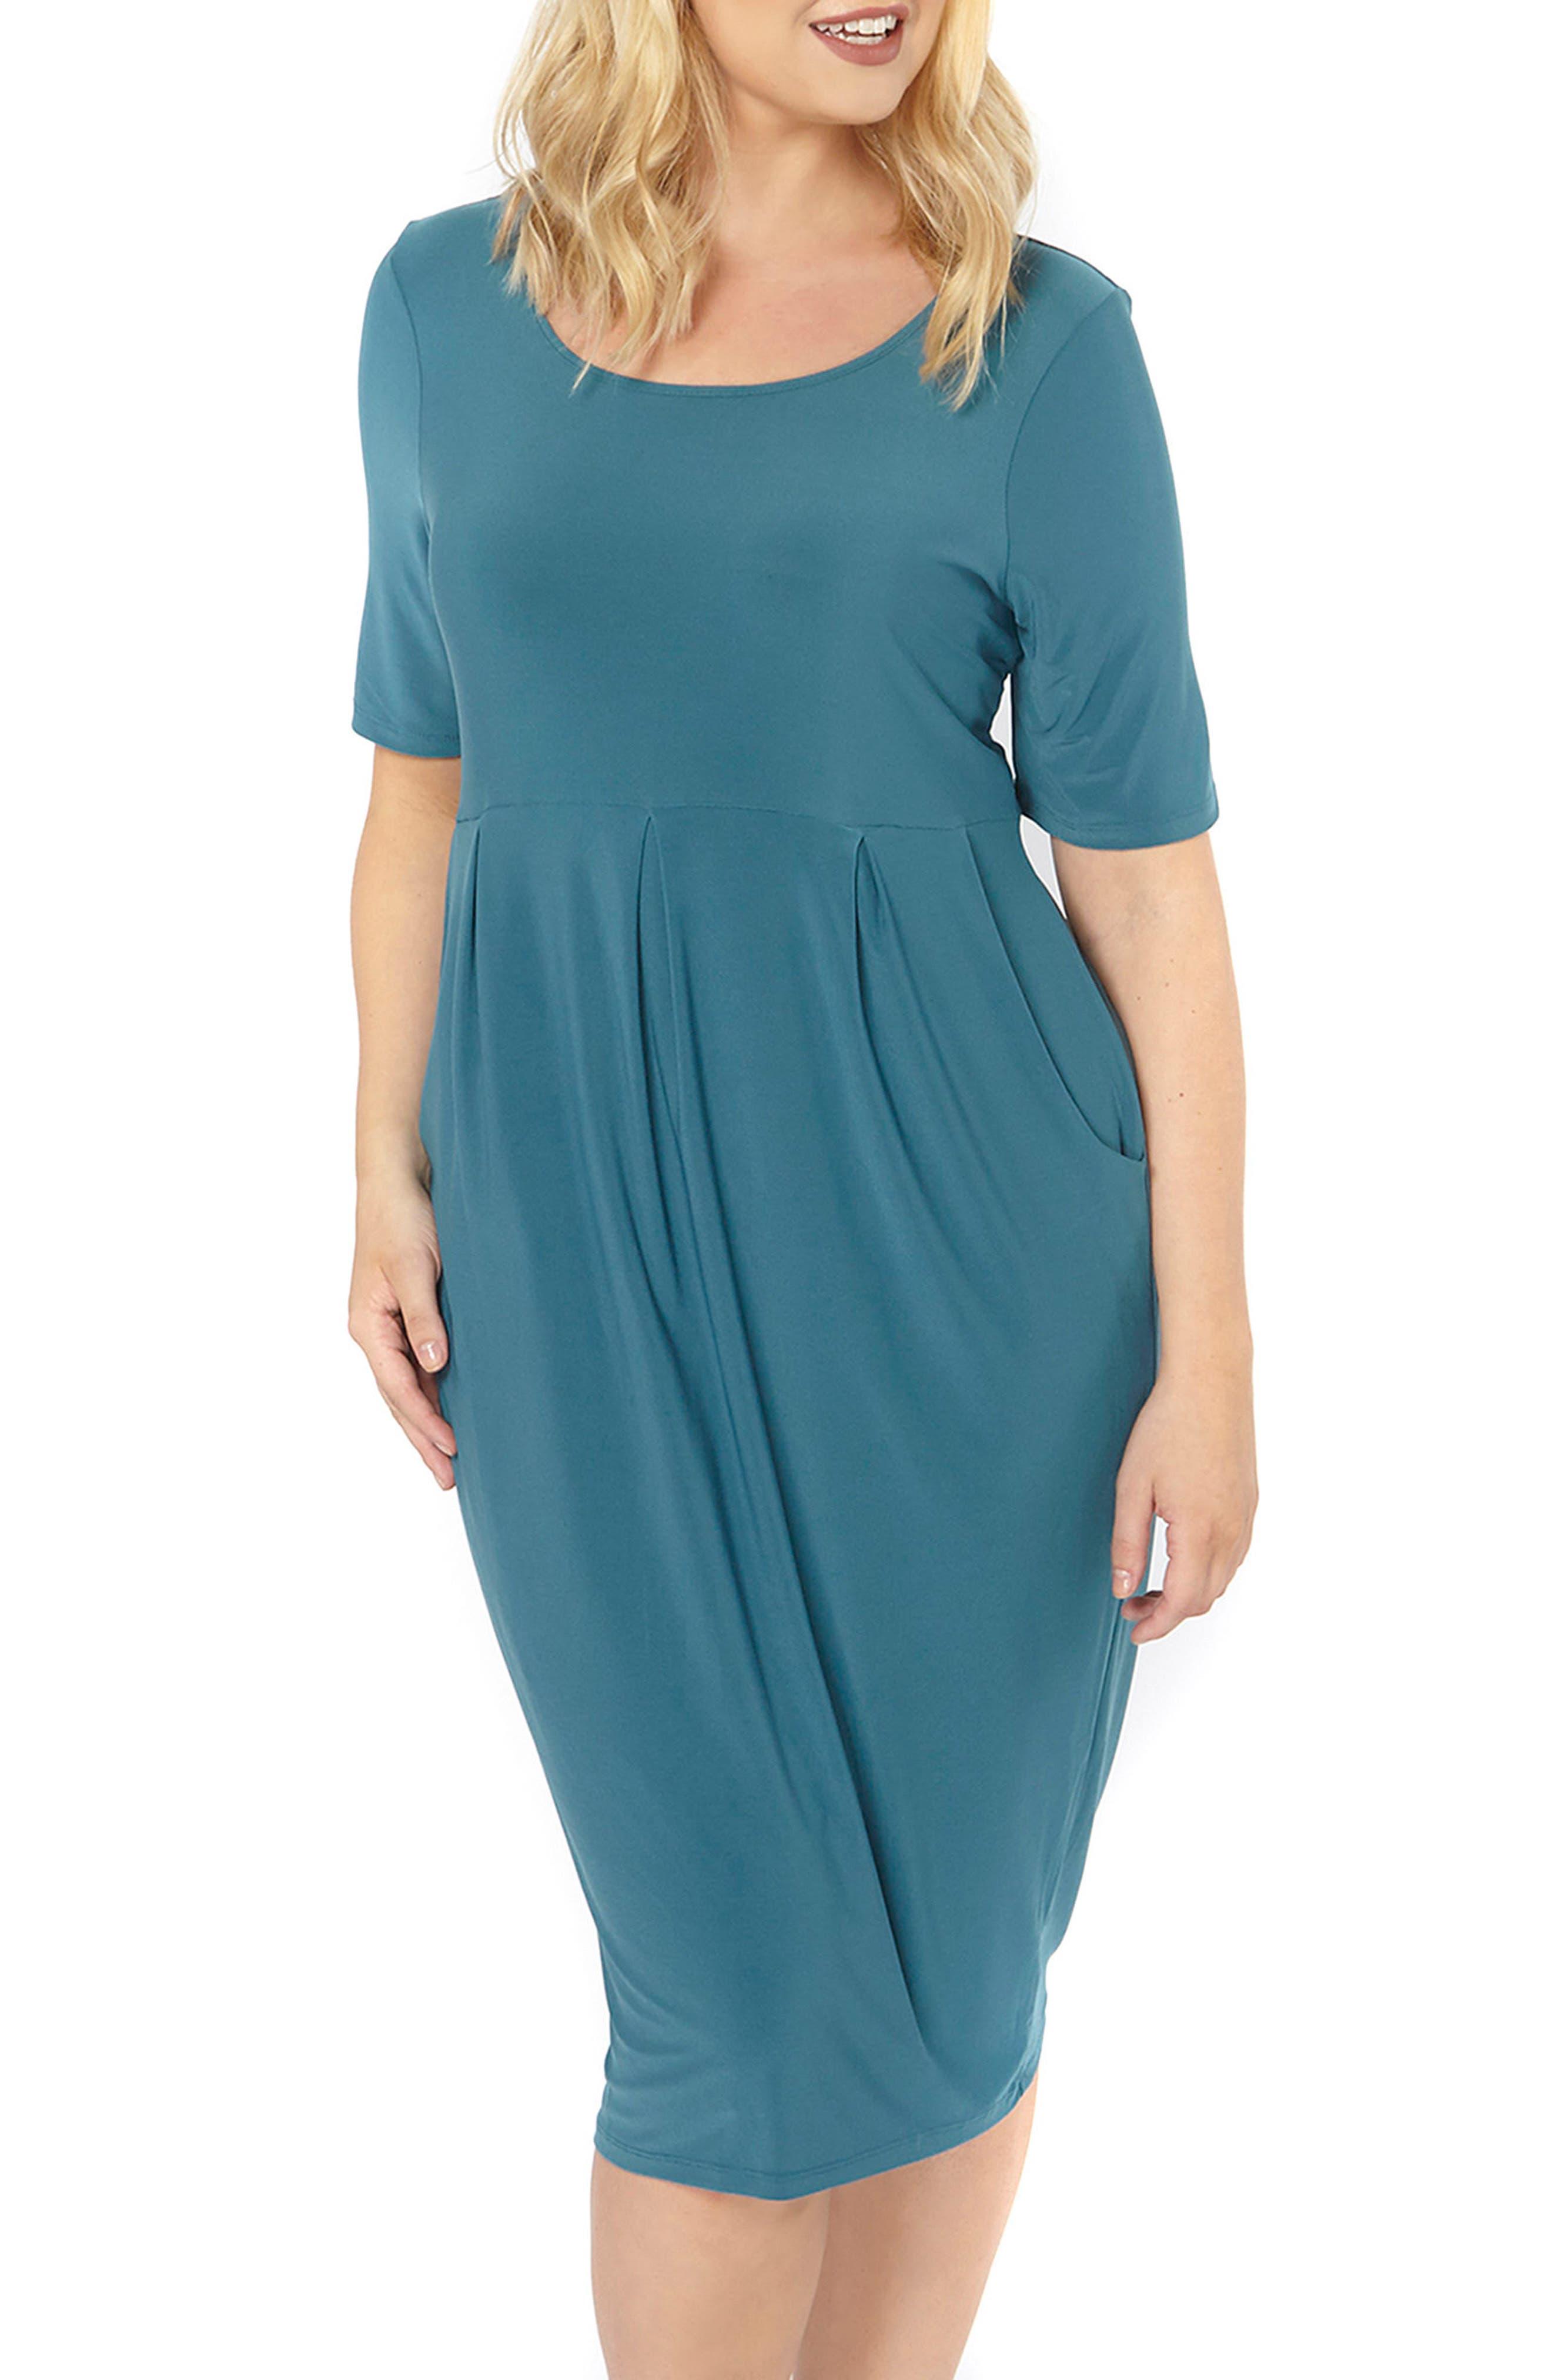 Pocket Dress,                             Main thumbnail 1, color,                             300